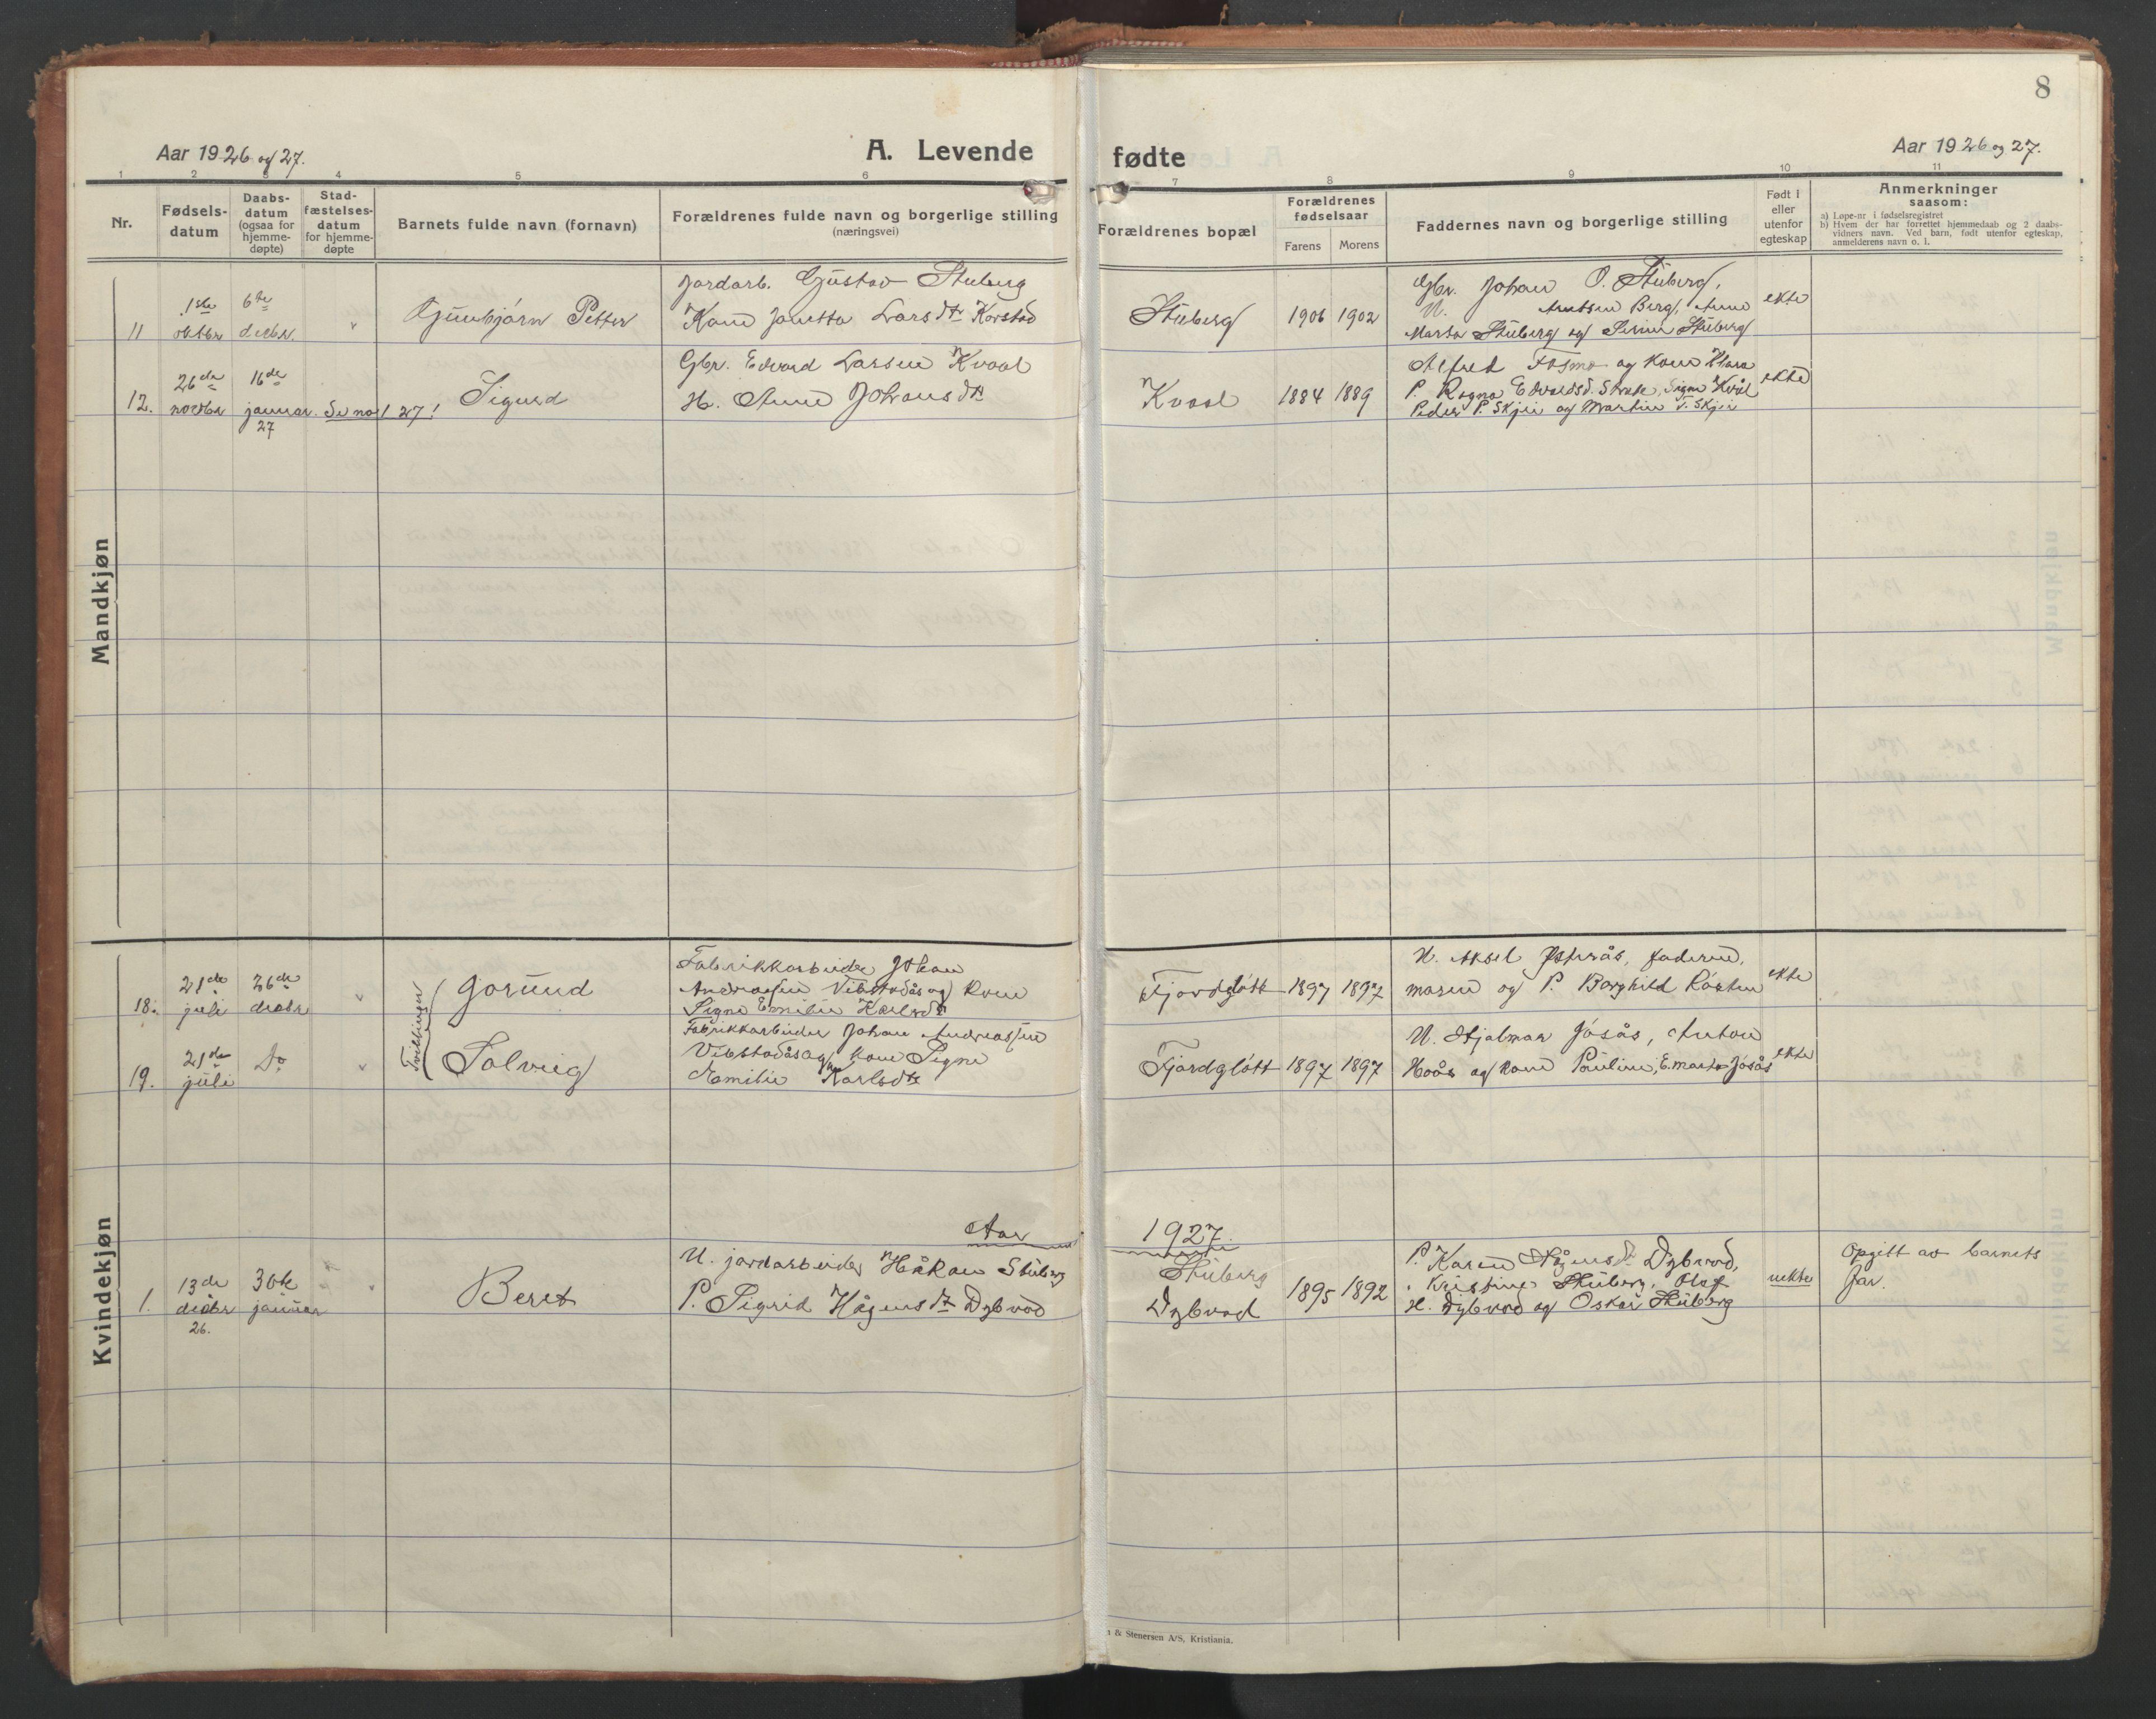 SAT, Ministerialprotokoller, klokkerbøker og fødselsregistre - Nord-Trøndelag, 710/L0097: Klokkerbok nr. 710C02, 1925-1955, s. 8